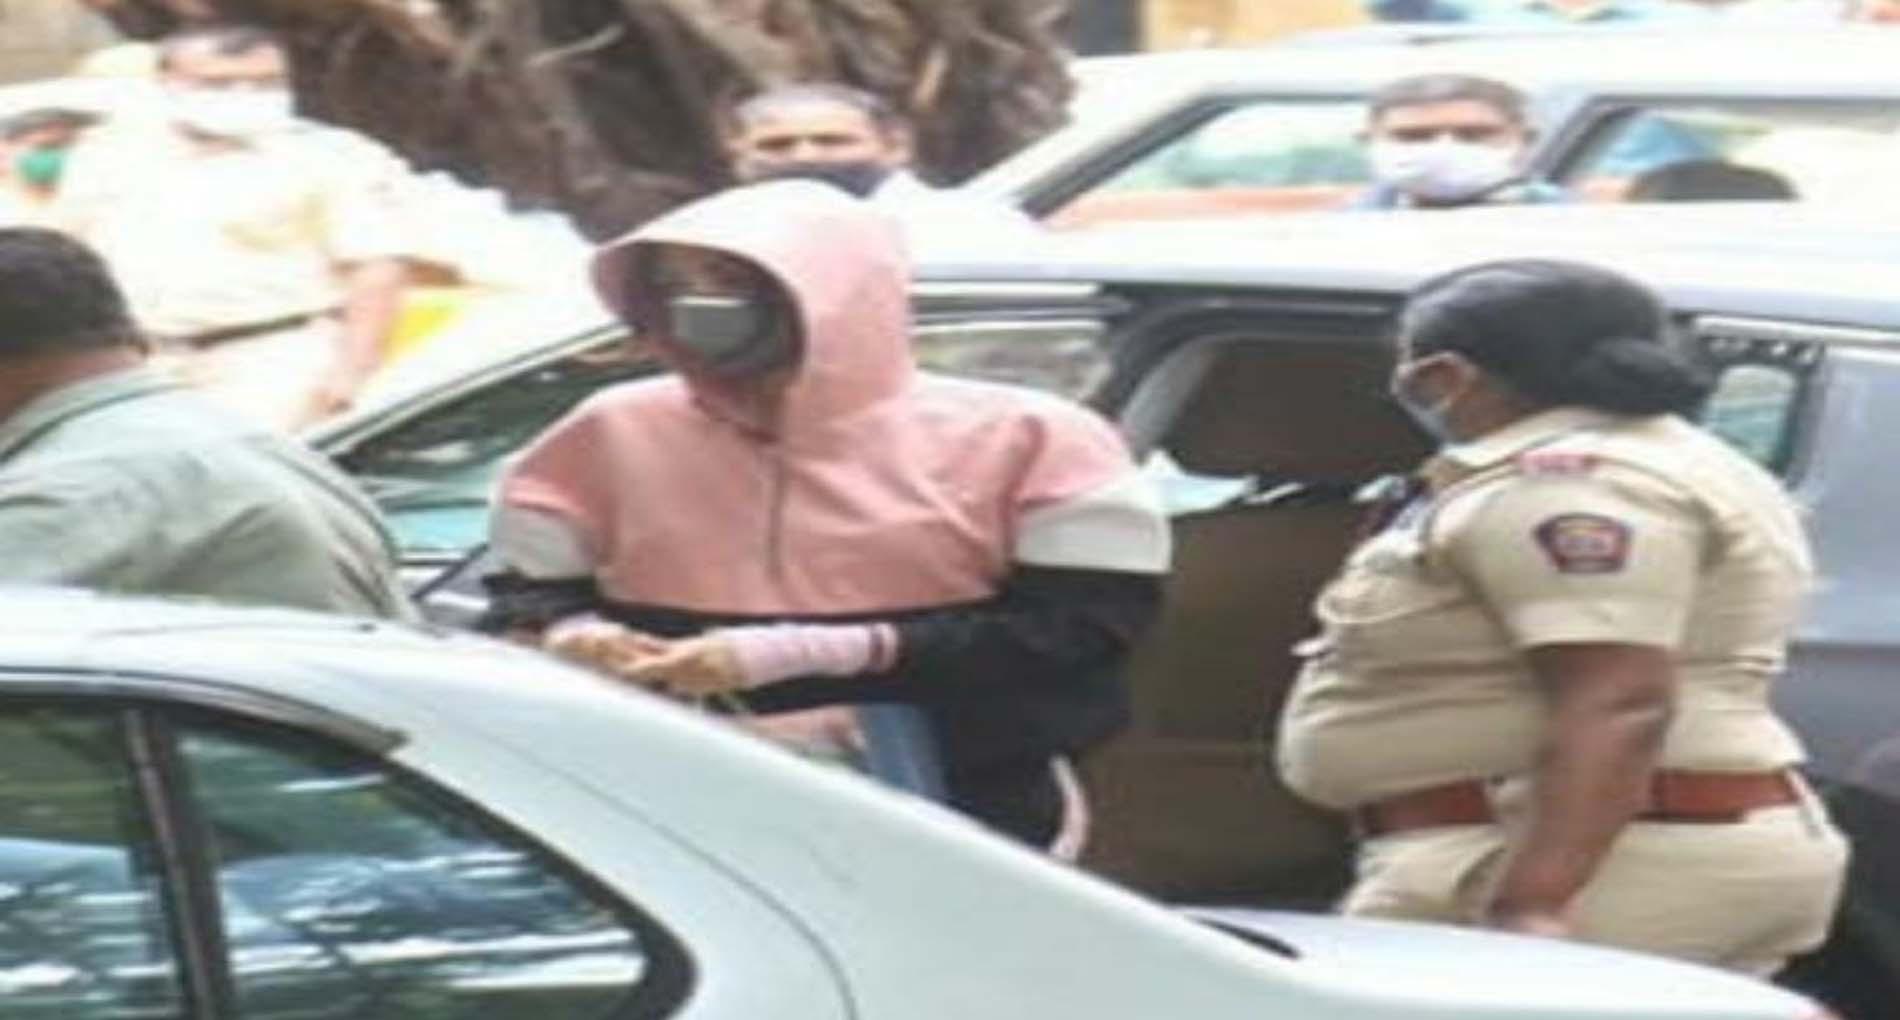 NCB दफ्तर पहुंची रिया चक्रवर्ती, पूछताछ जारी, आज हो सकती हैं गिरफ्तार!